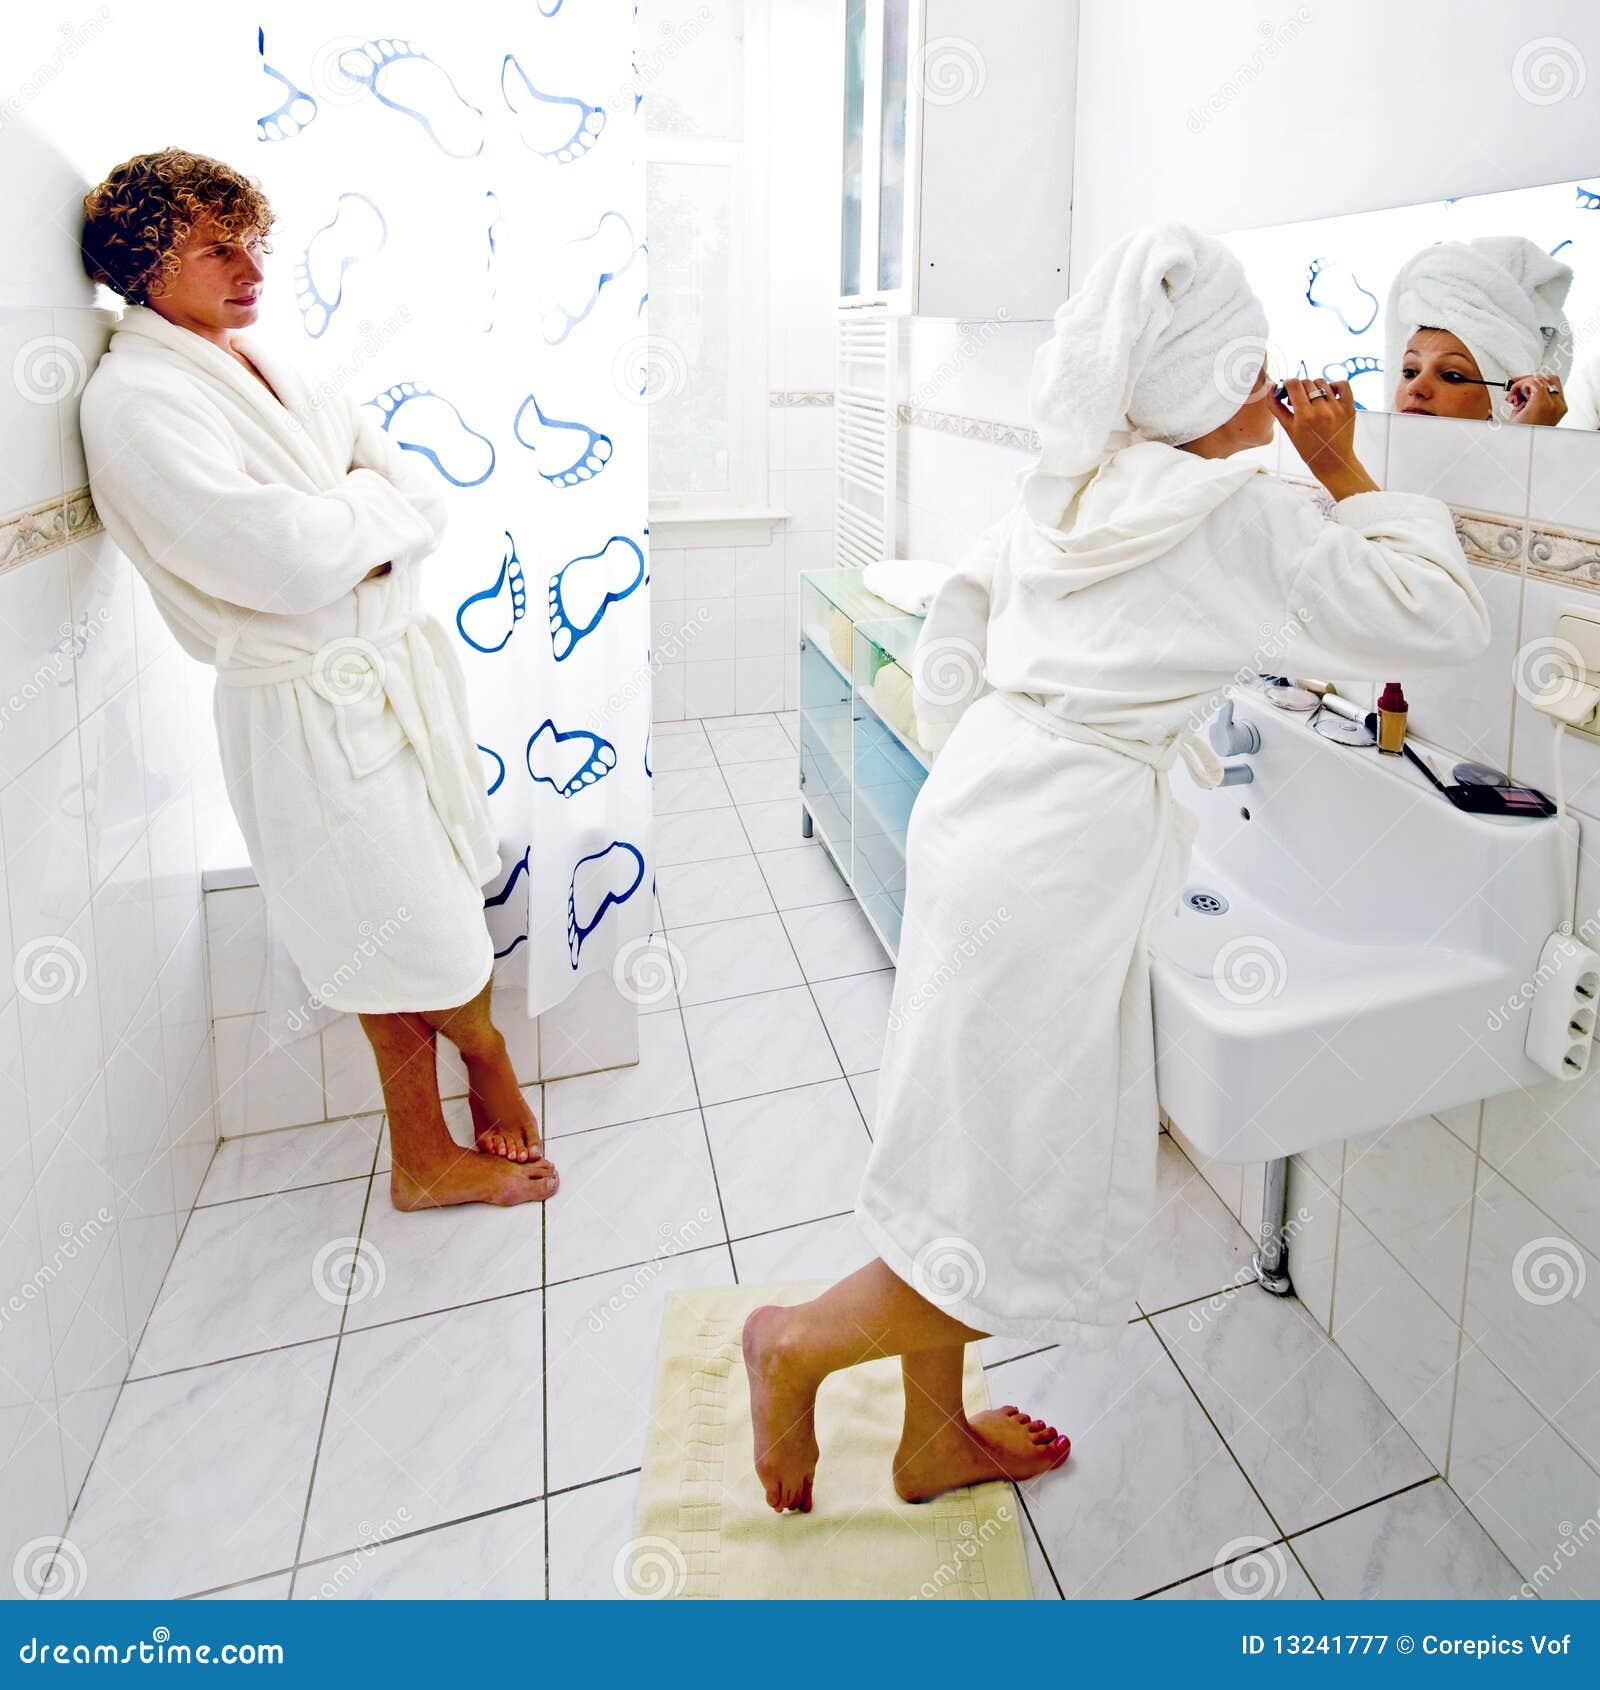 Bathroom Queue bathroom queue royalty free stock photography - image: 13241777